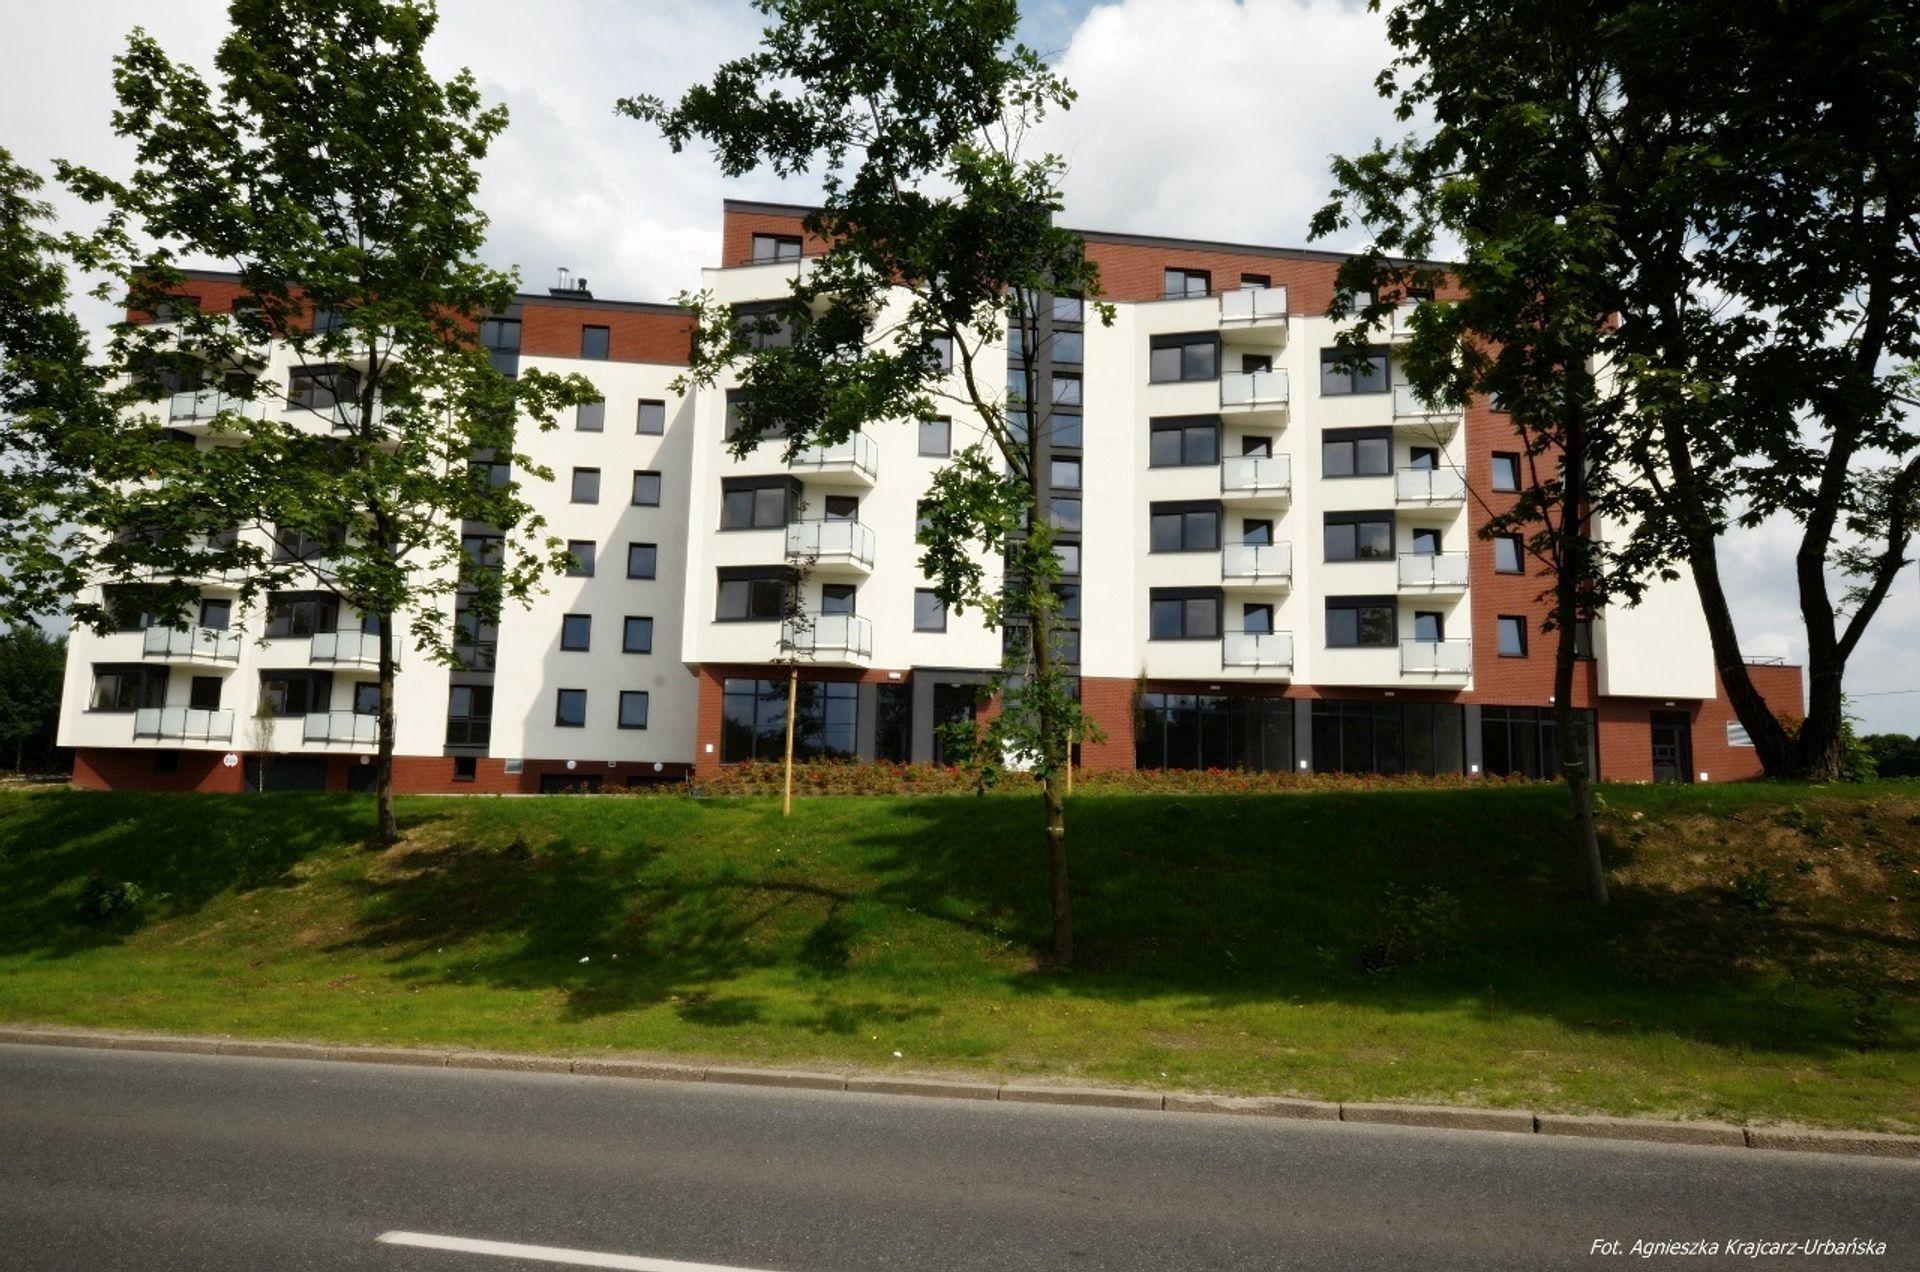 [Katowice] Ruszyła budowa drugiego etapu największej inwestycji mieszkaniowej w zachodniej części Katowic